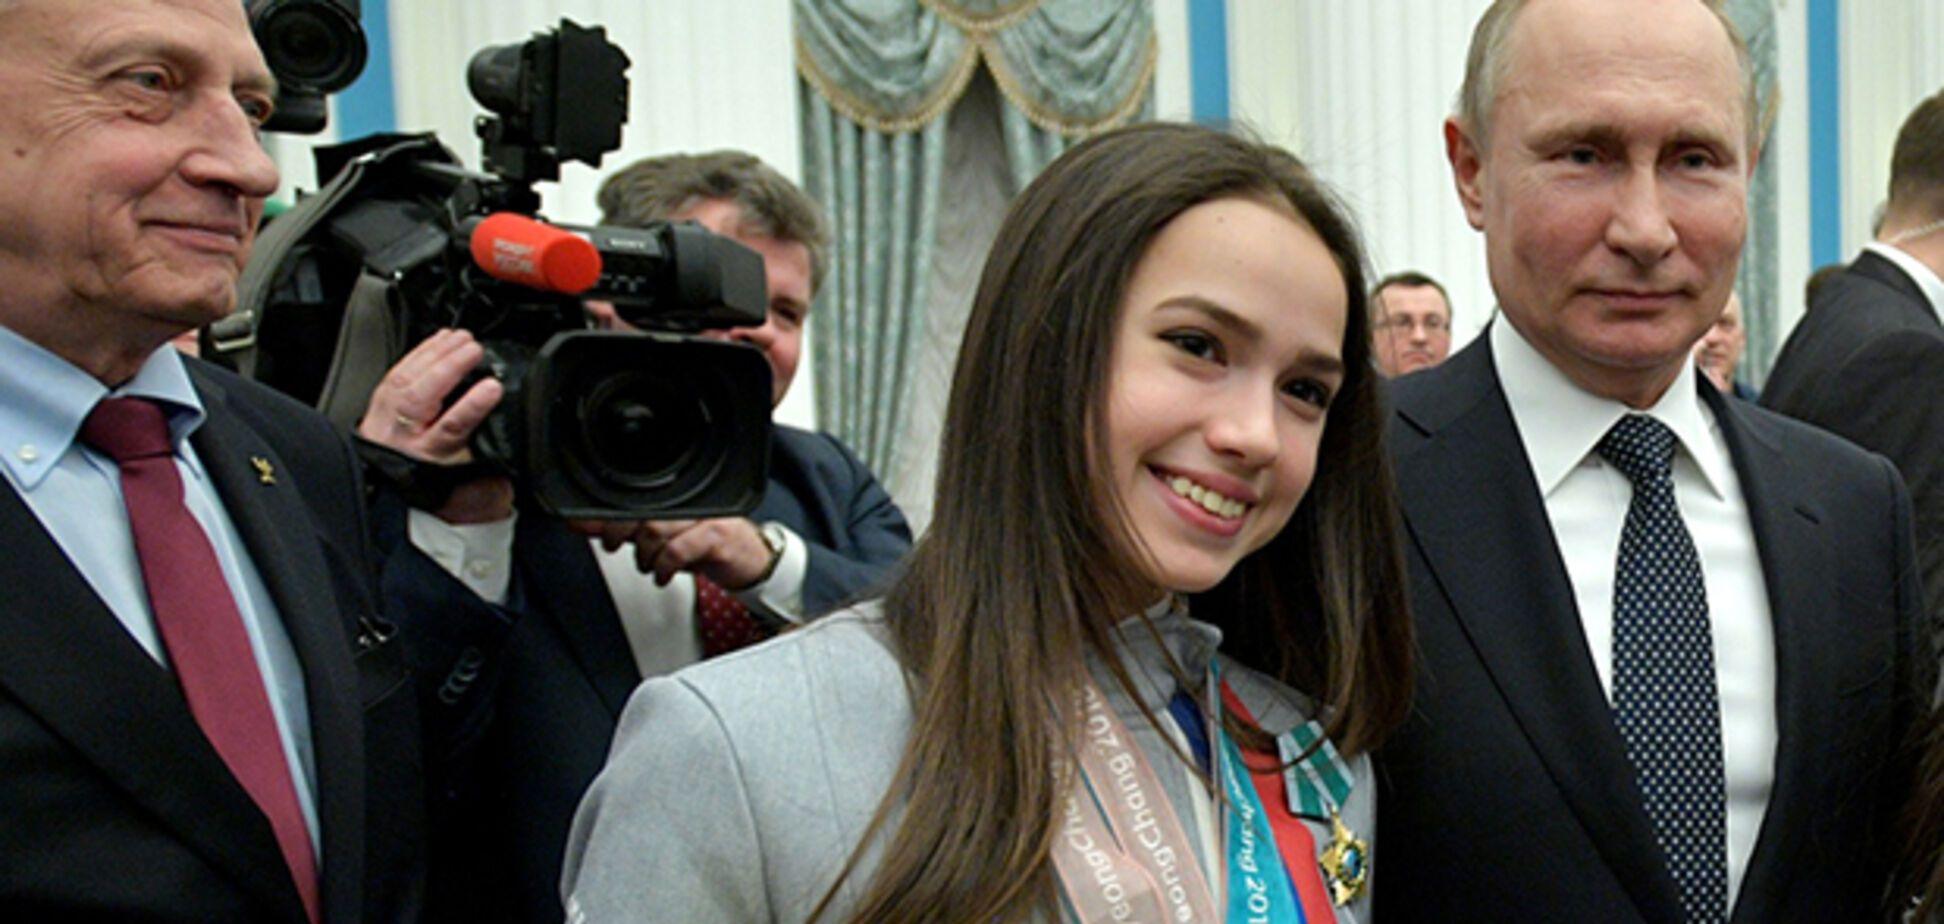 Олимпийская чемпионка Алина Загитова, с которой нарушил закон Путин, показала телеграмму от него